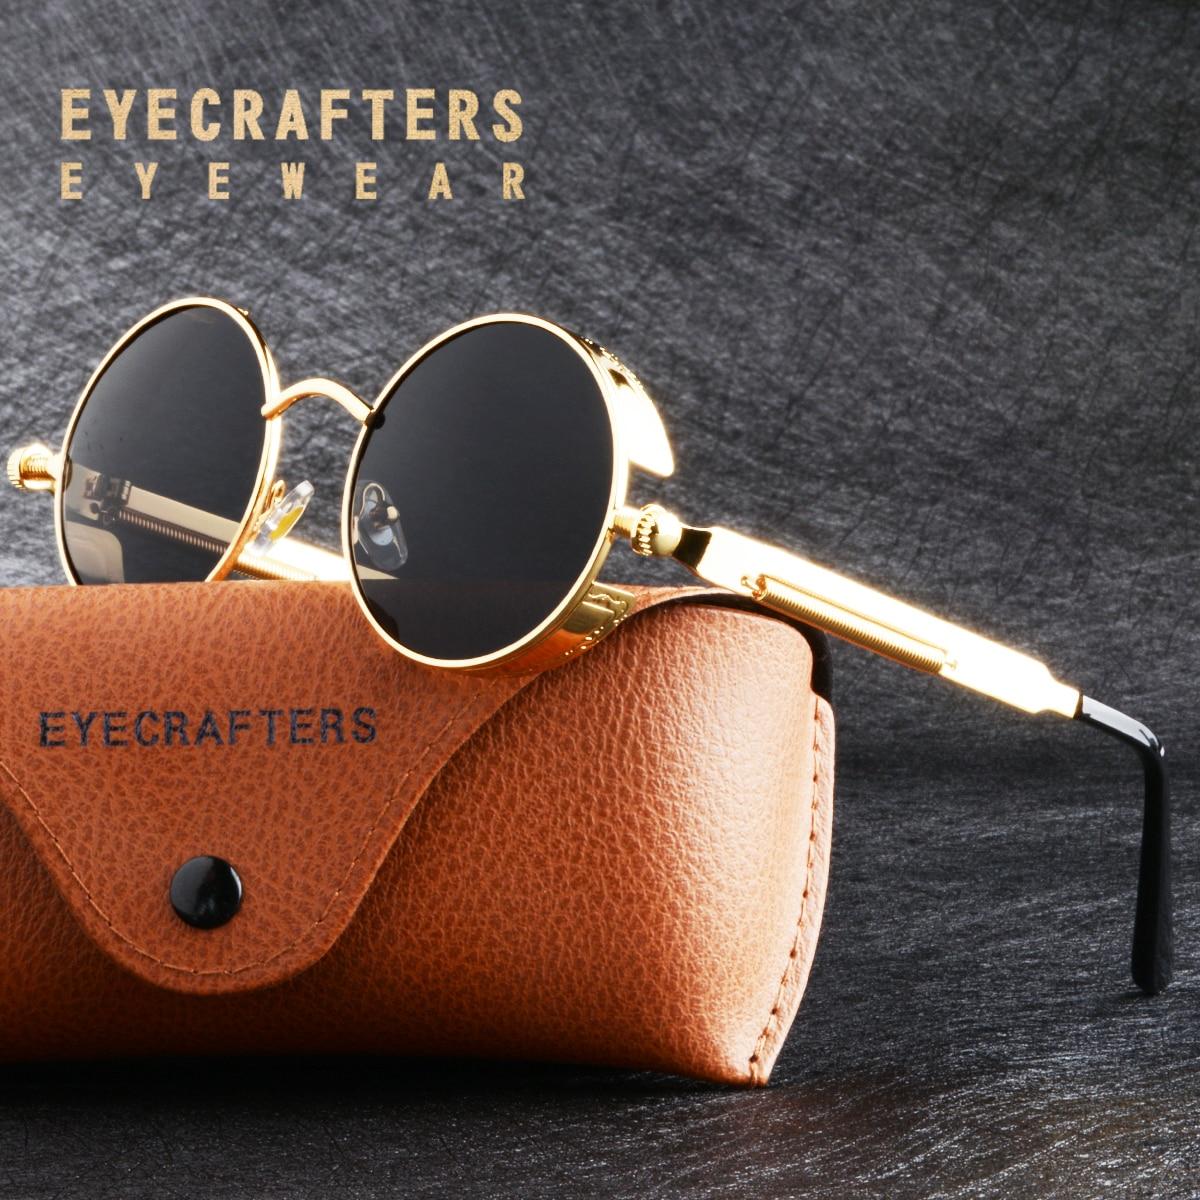 Lunettes de soleil polarisées en métal doré   Steampunk gothique, mode rétro Vintage bouclier de lunettes pour hommes et femmes 2020